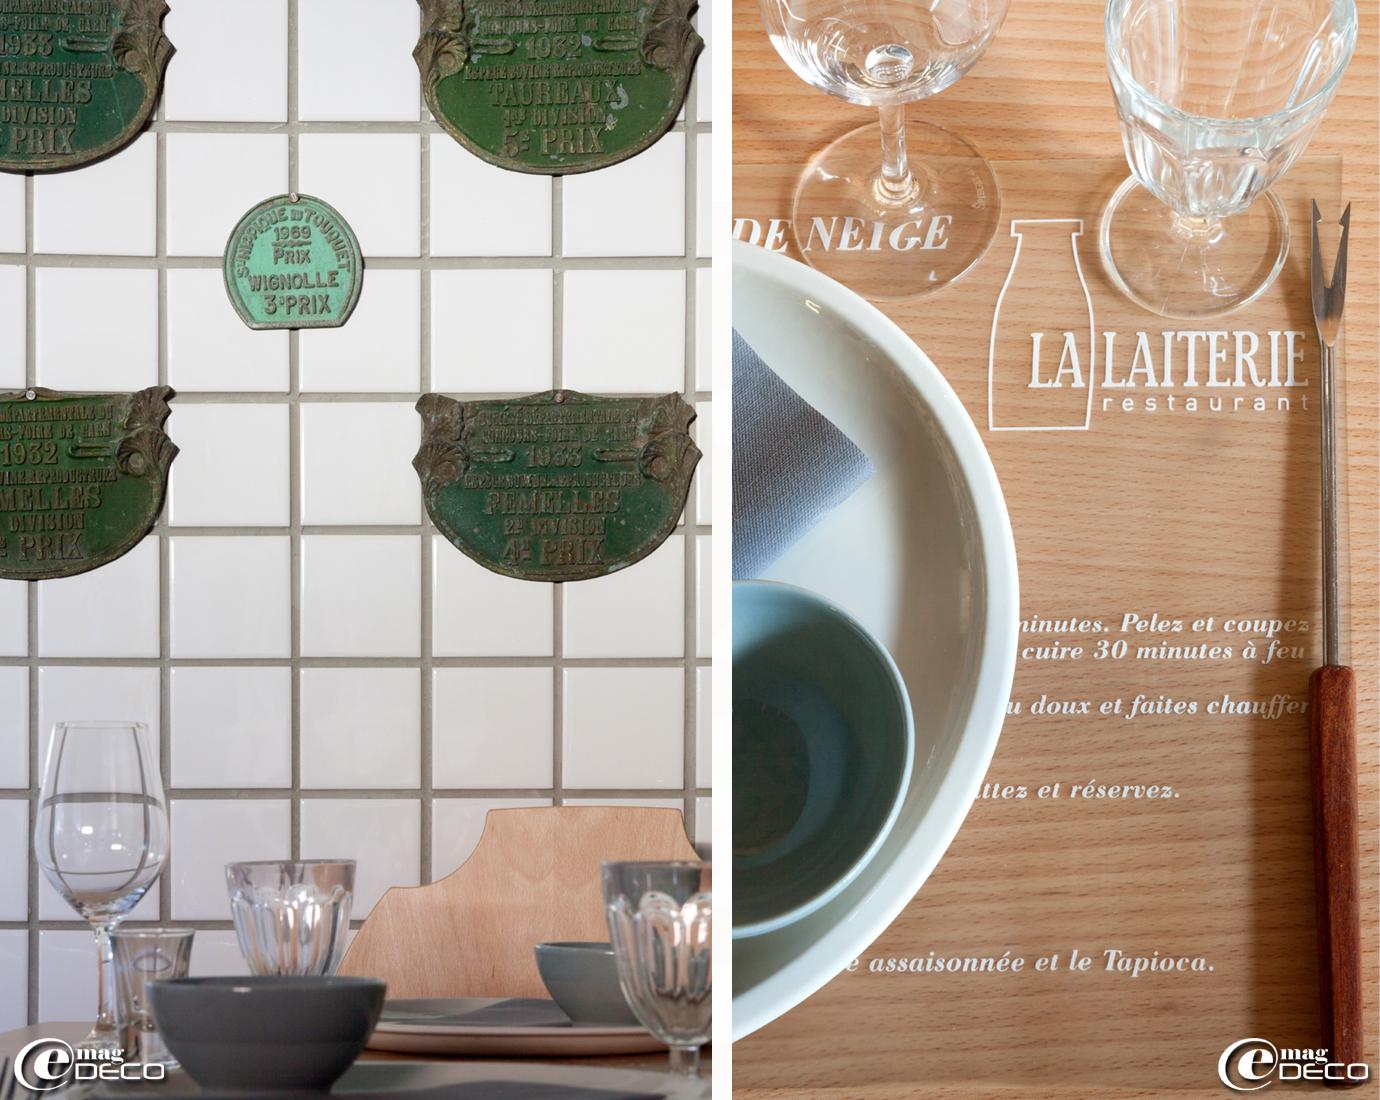 Plaques de prix agricoles chinées dans le décor du restaurant 'La Laiterie' de l'hôtel 'Altapura' à Val Thorens